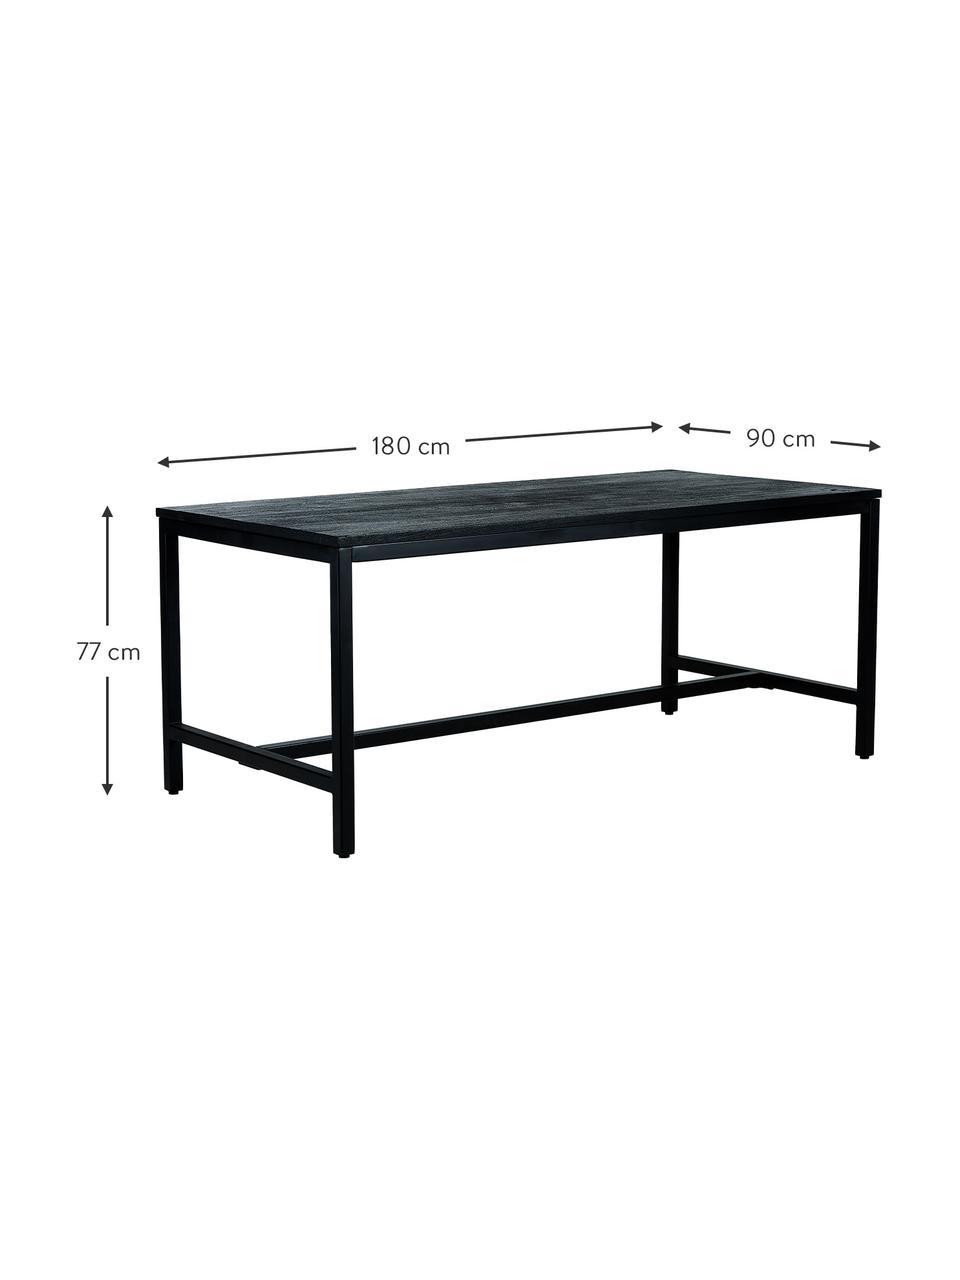 Tavolo con piano in legno massiccio nero Raw, 180x90 cm, Struttura: metallo verniciato a polv, Legno di mango nero verniciato, Larg. 180 x Prof. 90 cm